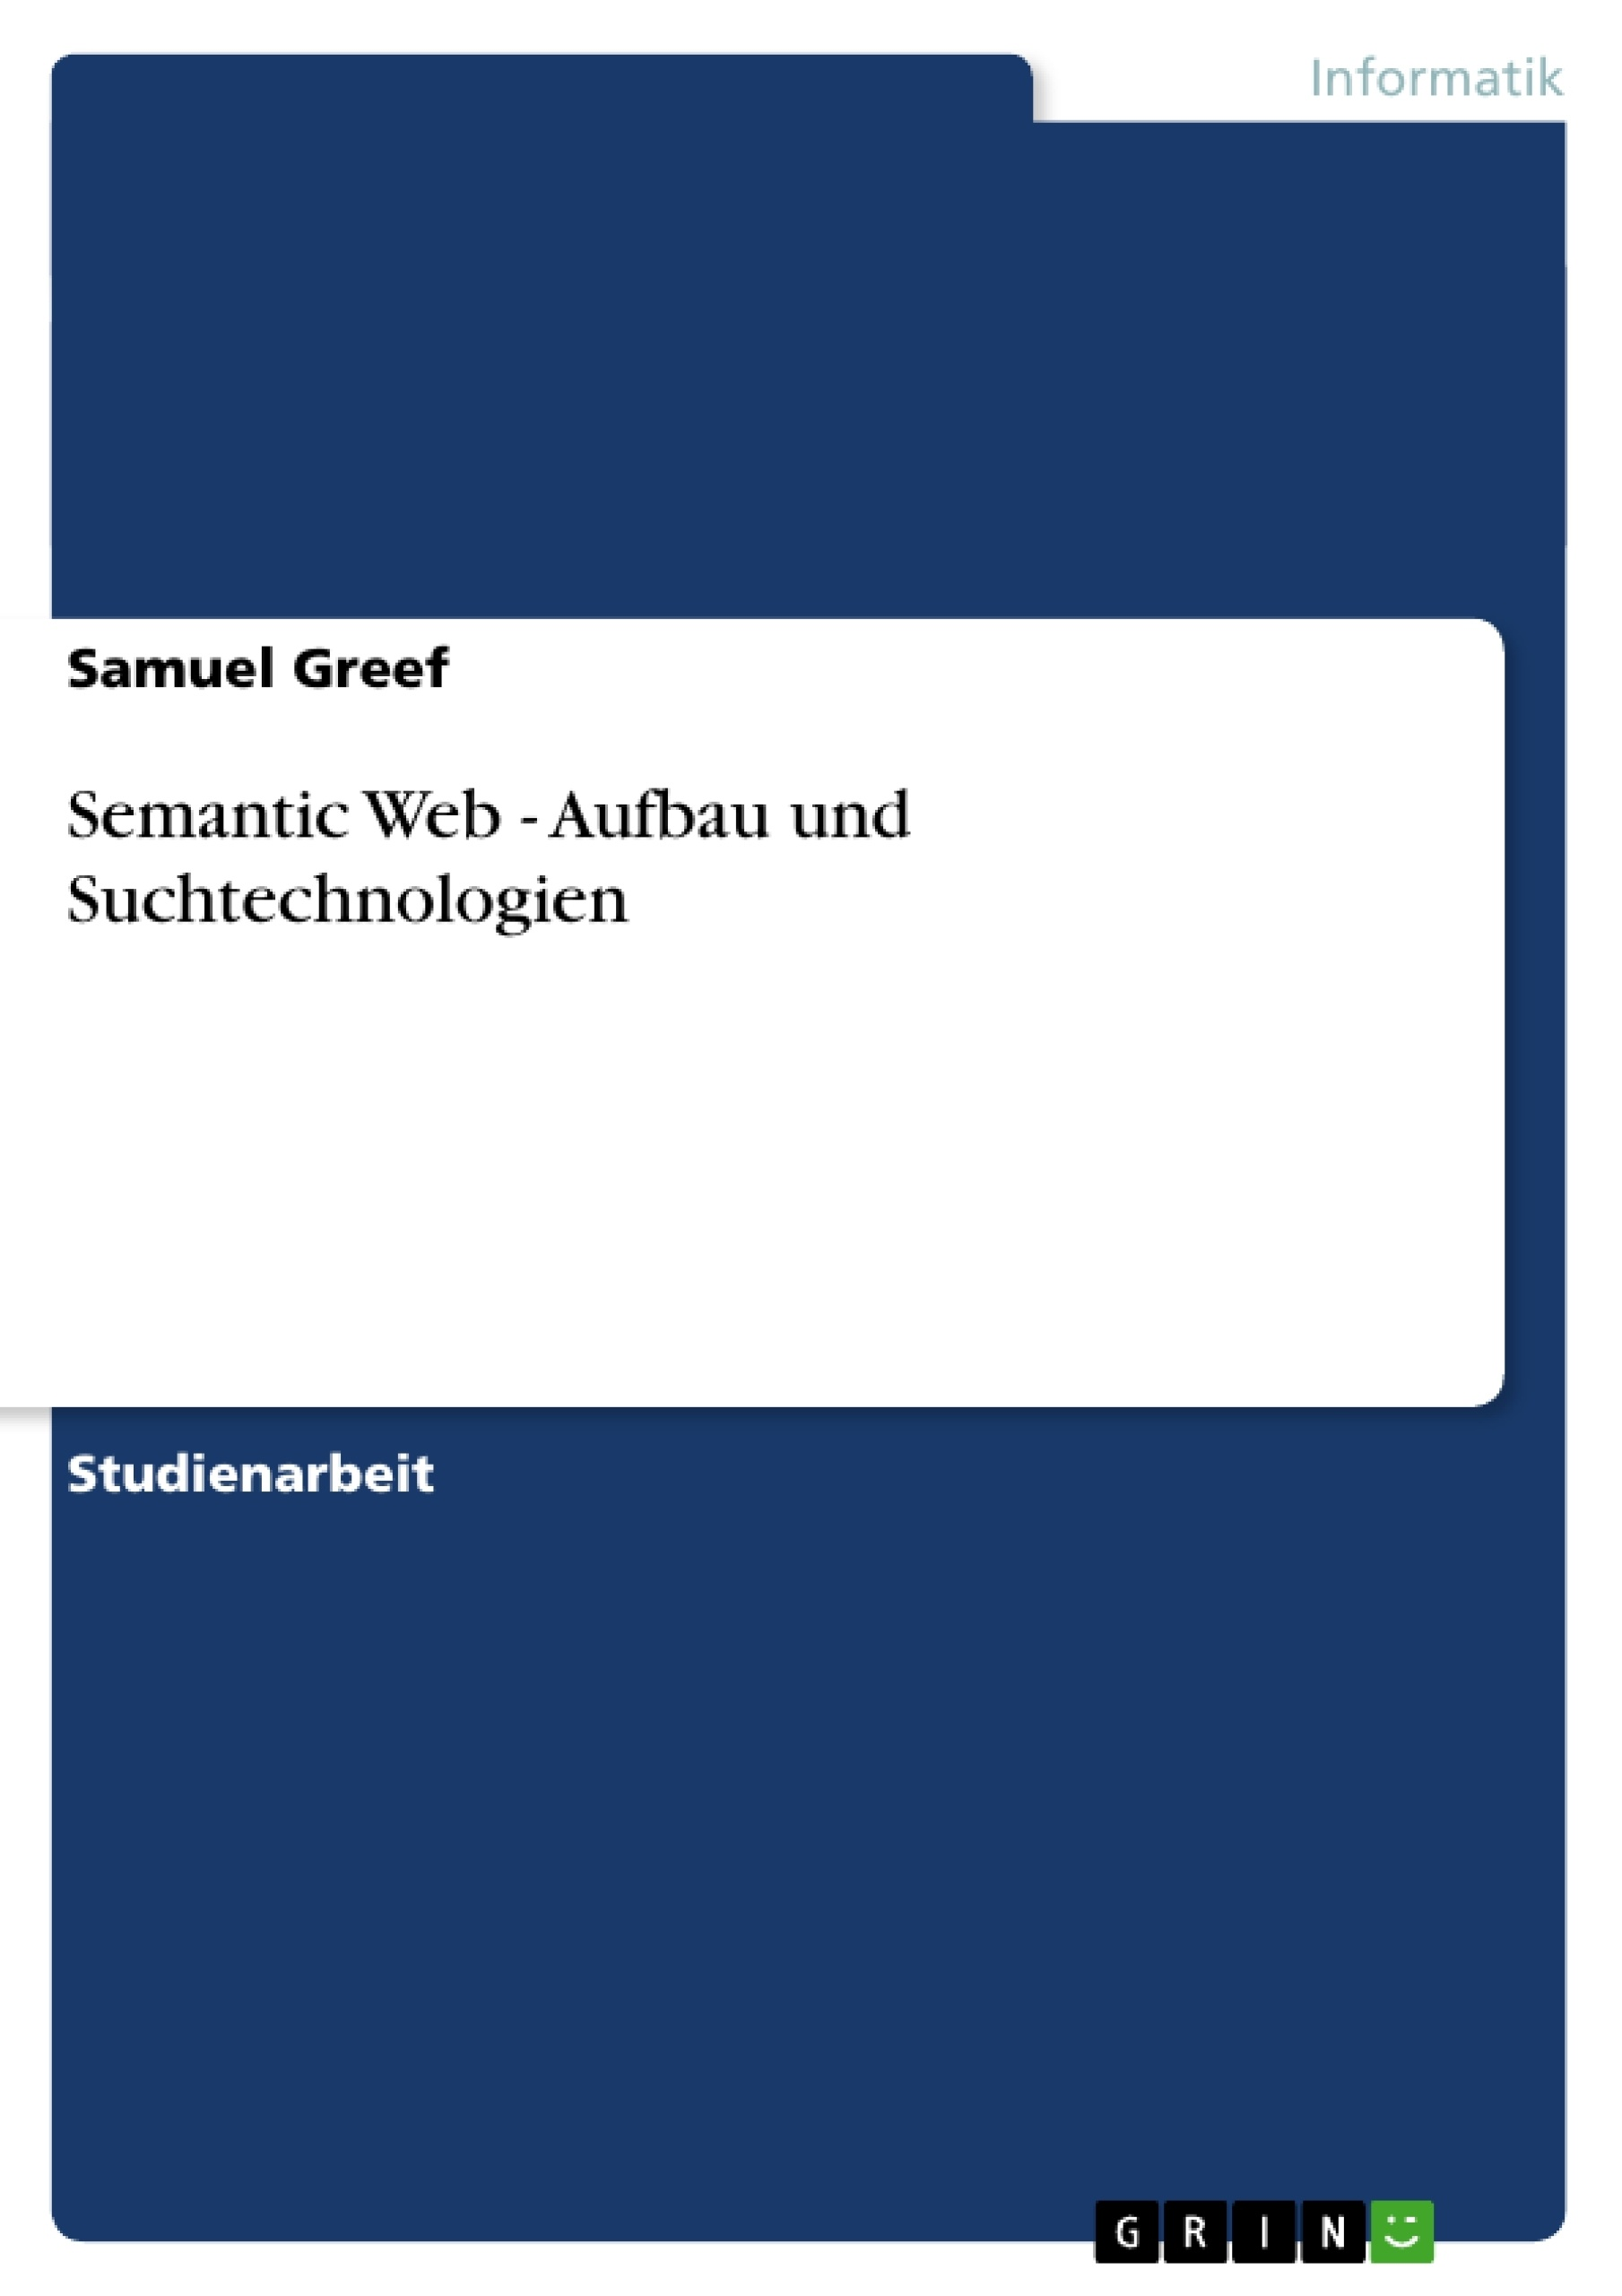 Titel: Semantic Web - Aufbau und Suchtechnologien